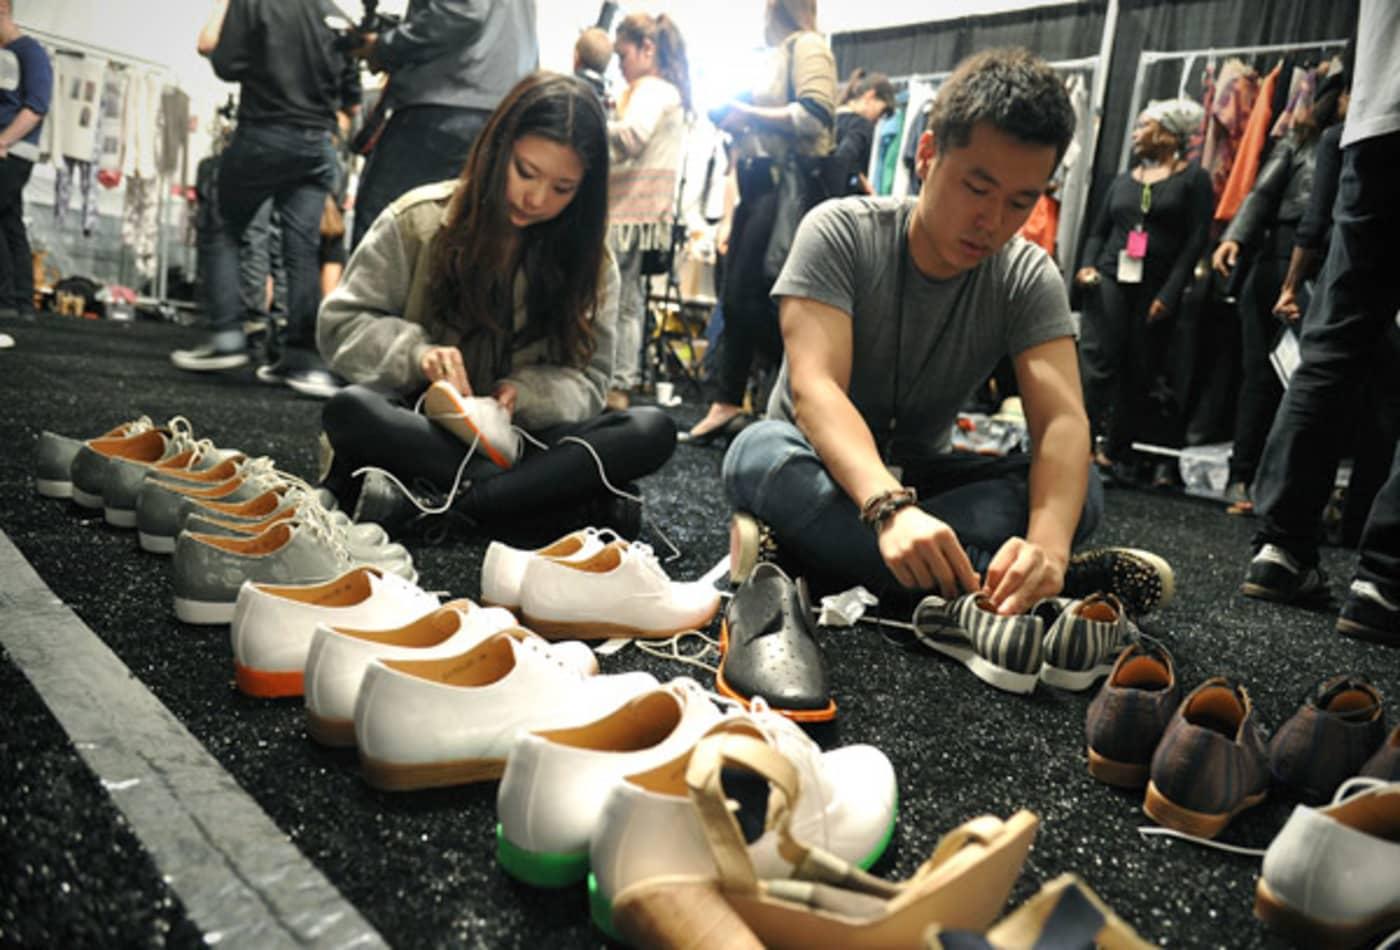 CNBC_NYC_fashion_week_2011_horiz6.jpg